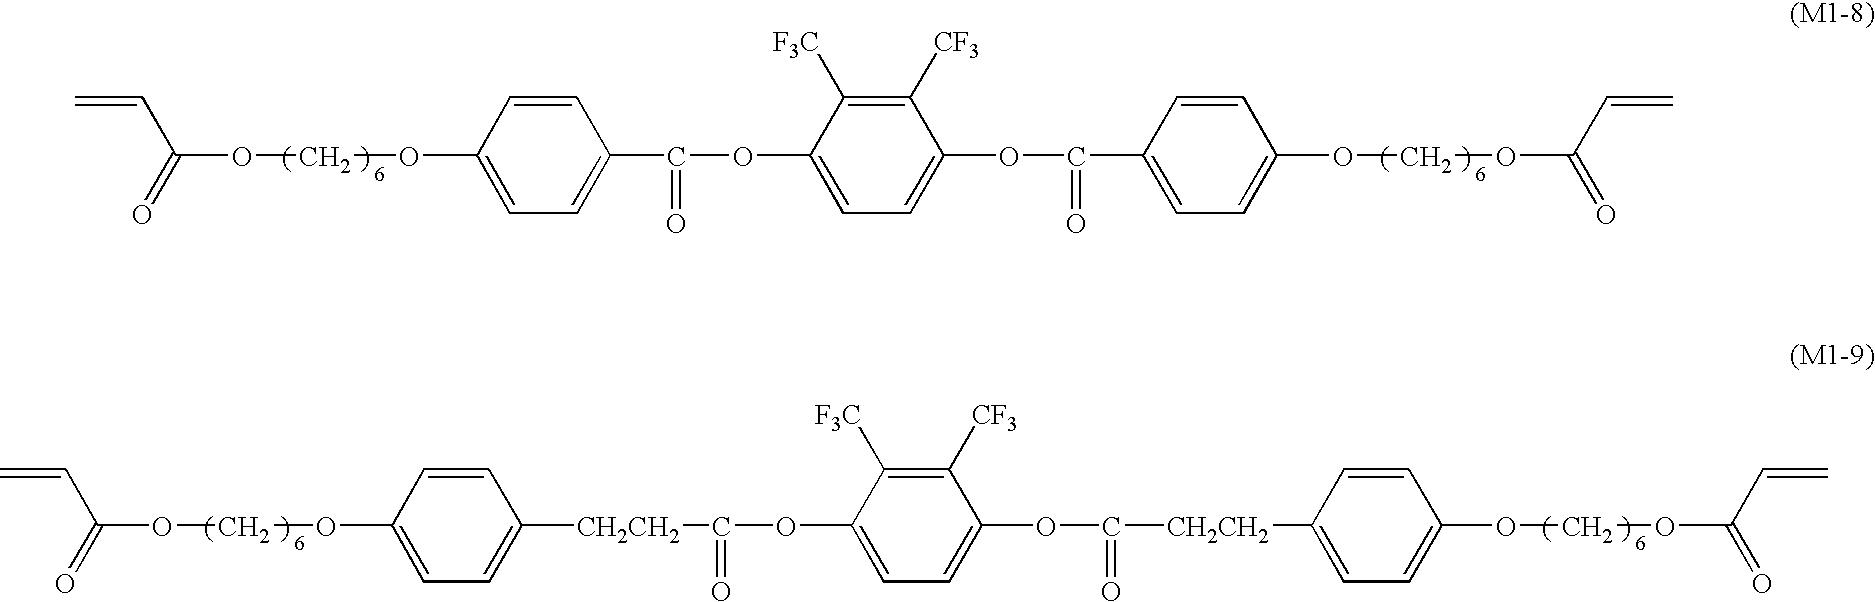 Figure US20060172090A1-20060803-C00024